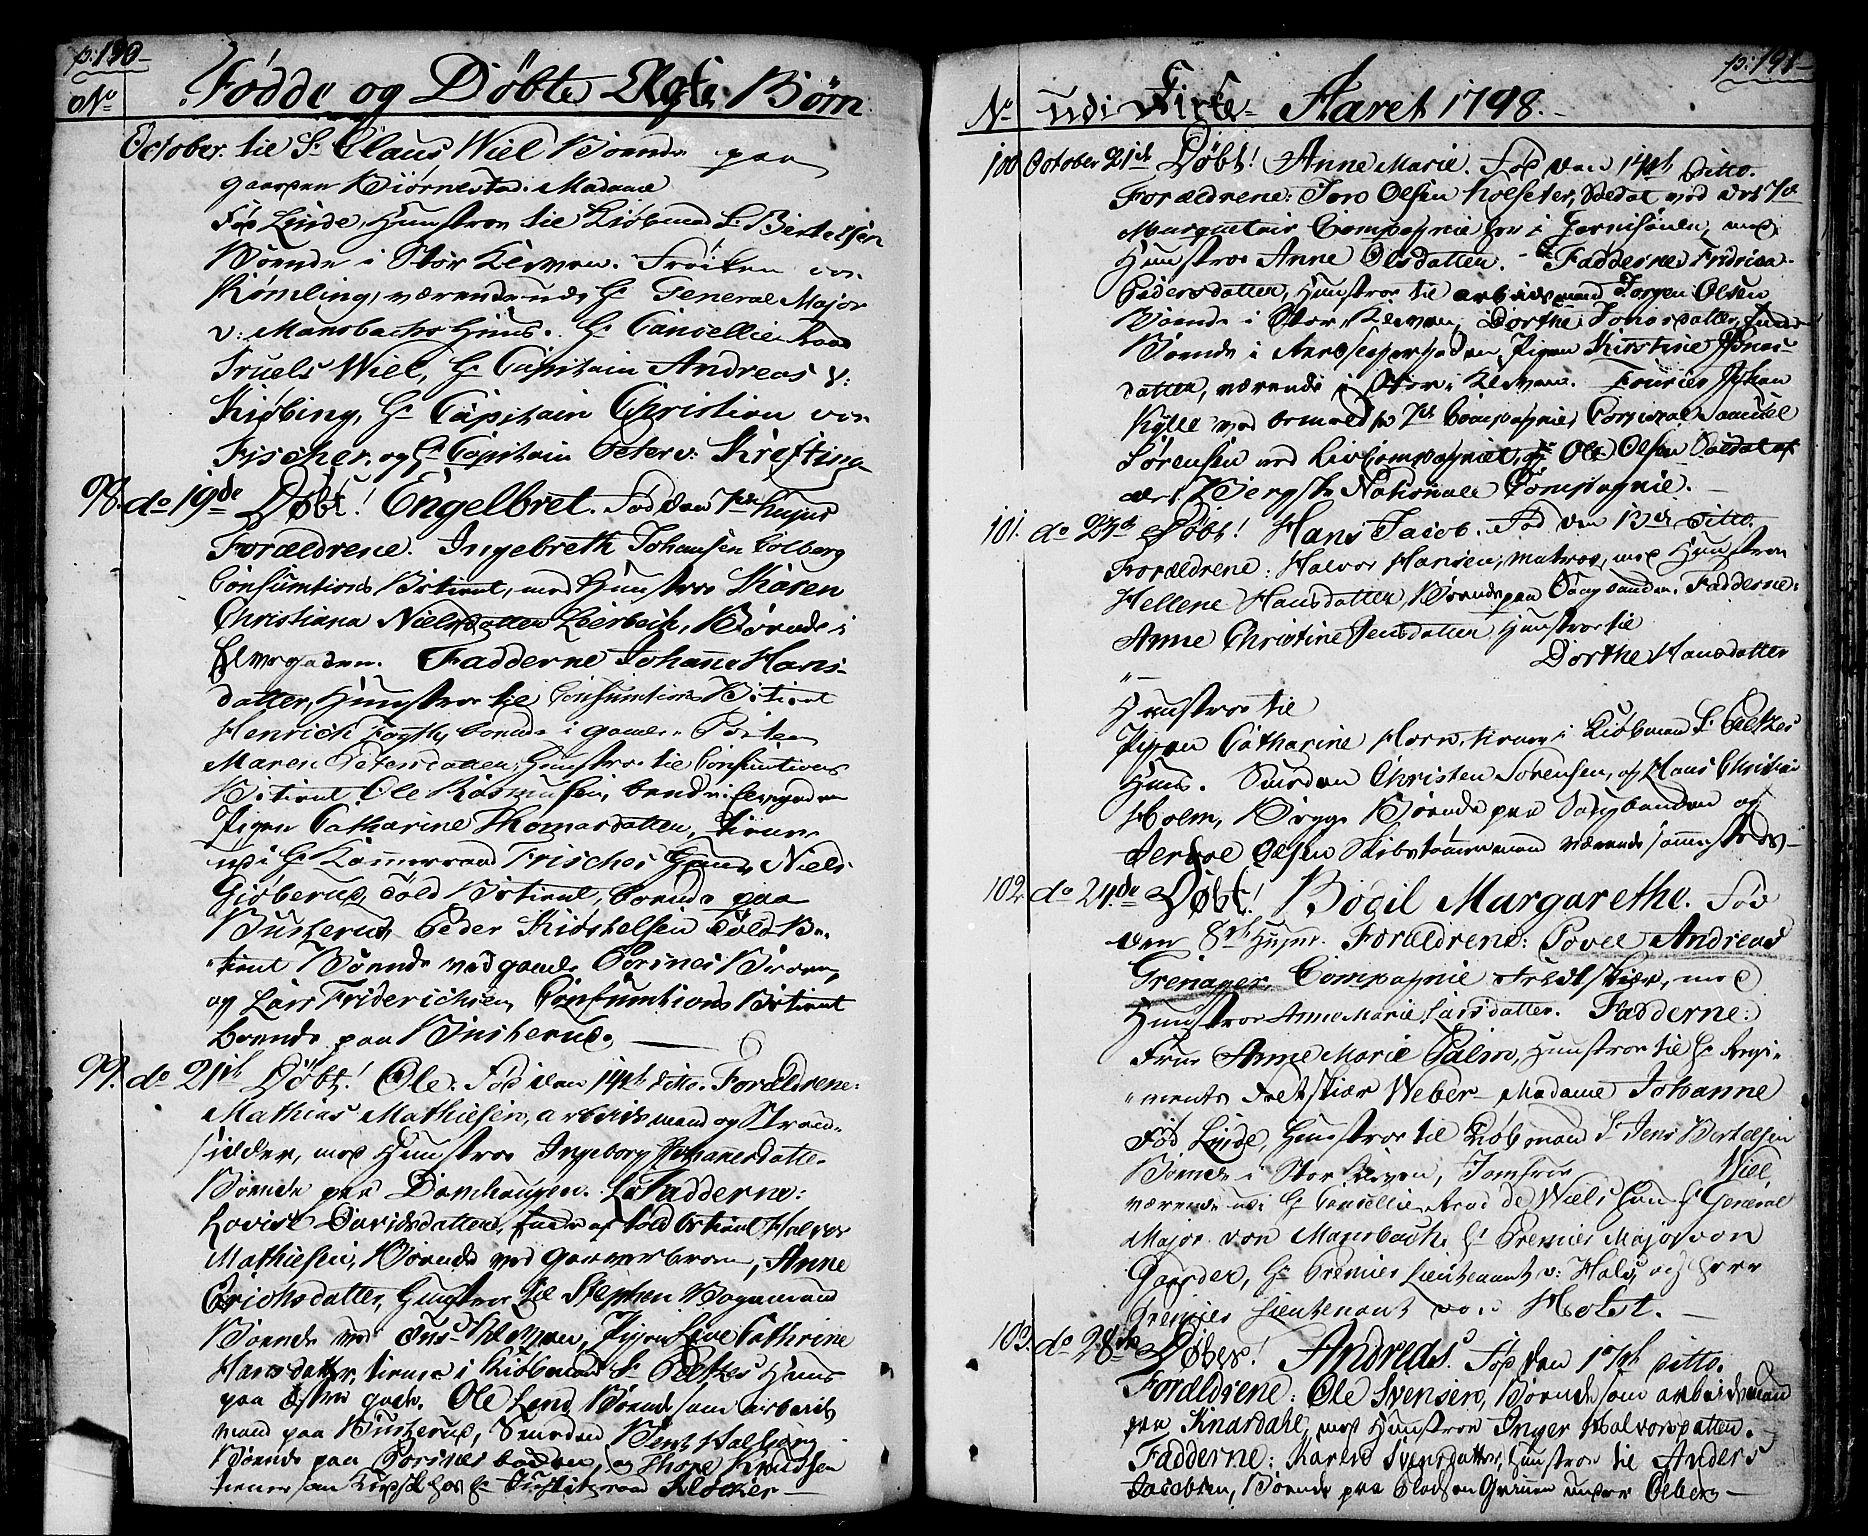 SAO, Halden prestekontor Kirkebøker, F/Fa/L0002: Ministerialbok nr. I 2, 1792-1812, s. 190-191